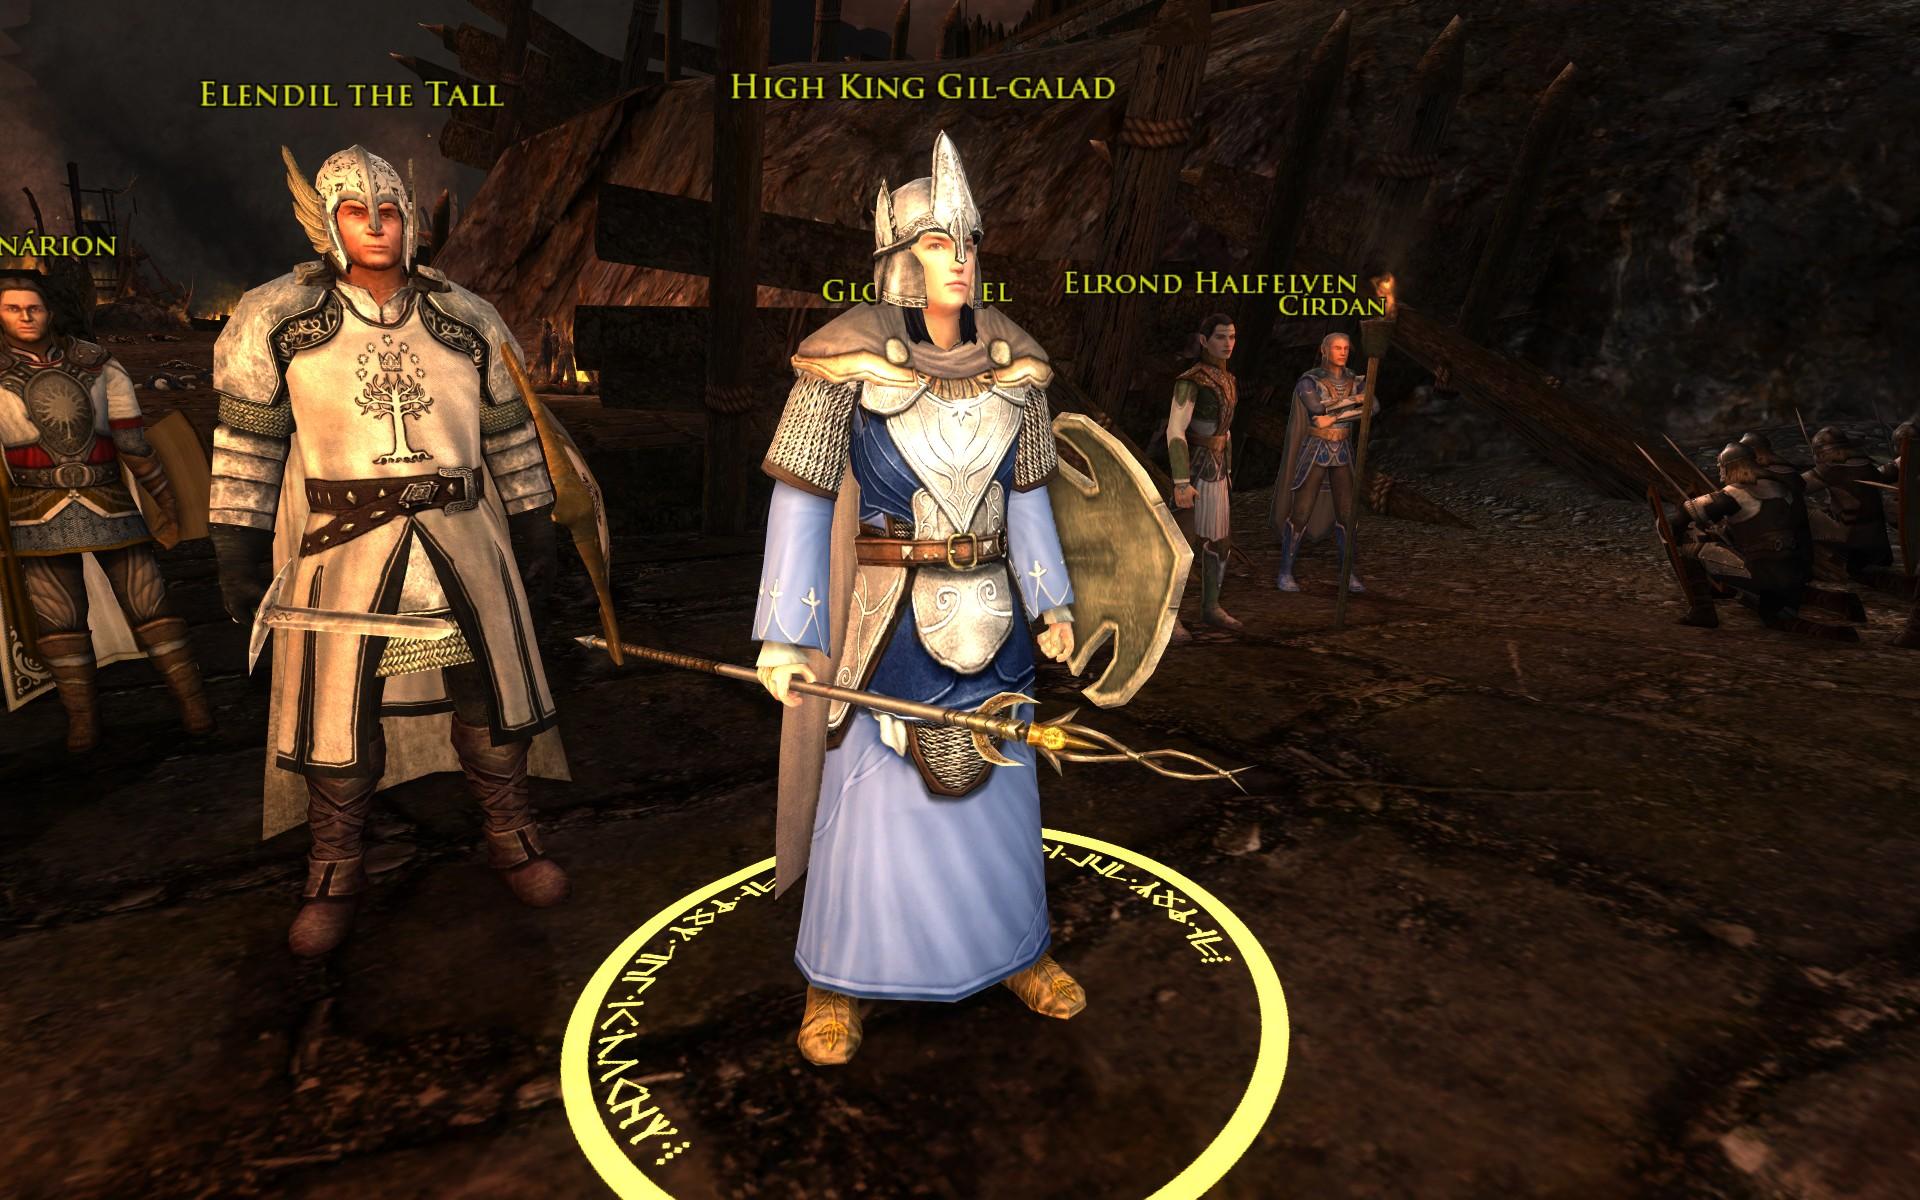 『ロード・オブ・ザ・リングス オンライン』における、最後の同盟の戦いでのギル=ガラド